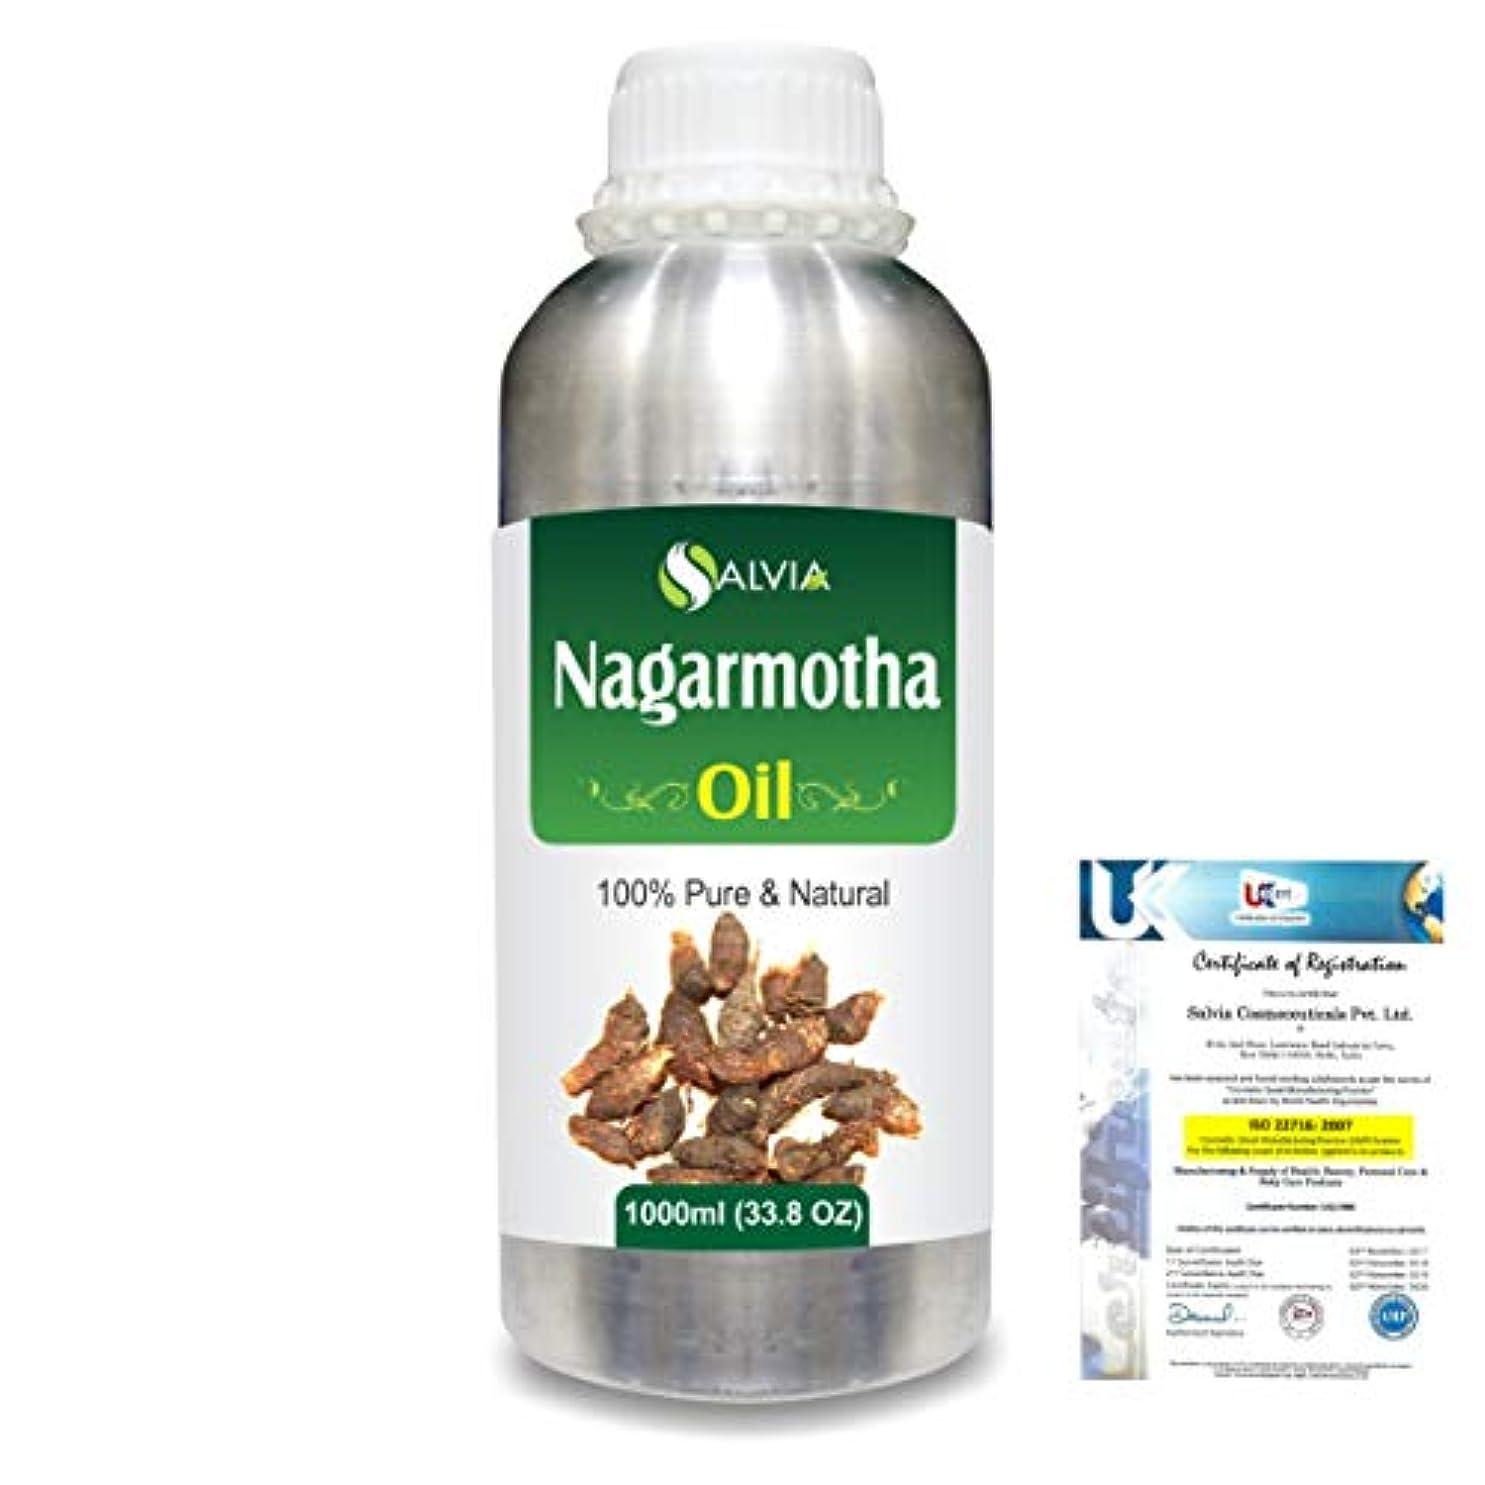 変形排泄物大声でNagarmotha (Cyprus scariosus) 100% Natural Pure Essential Oil 1000ml/33.8fl.oz.